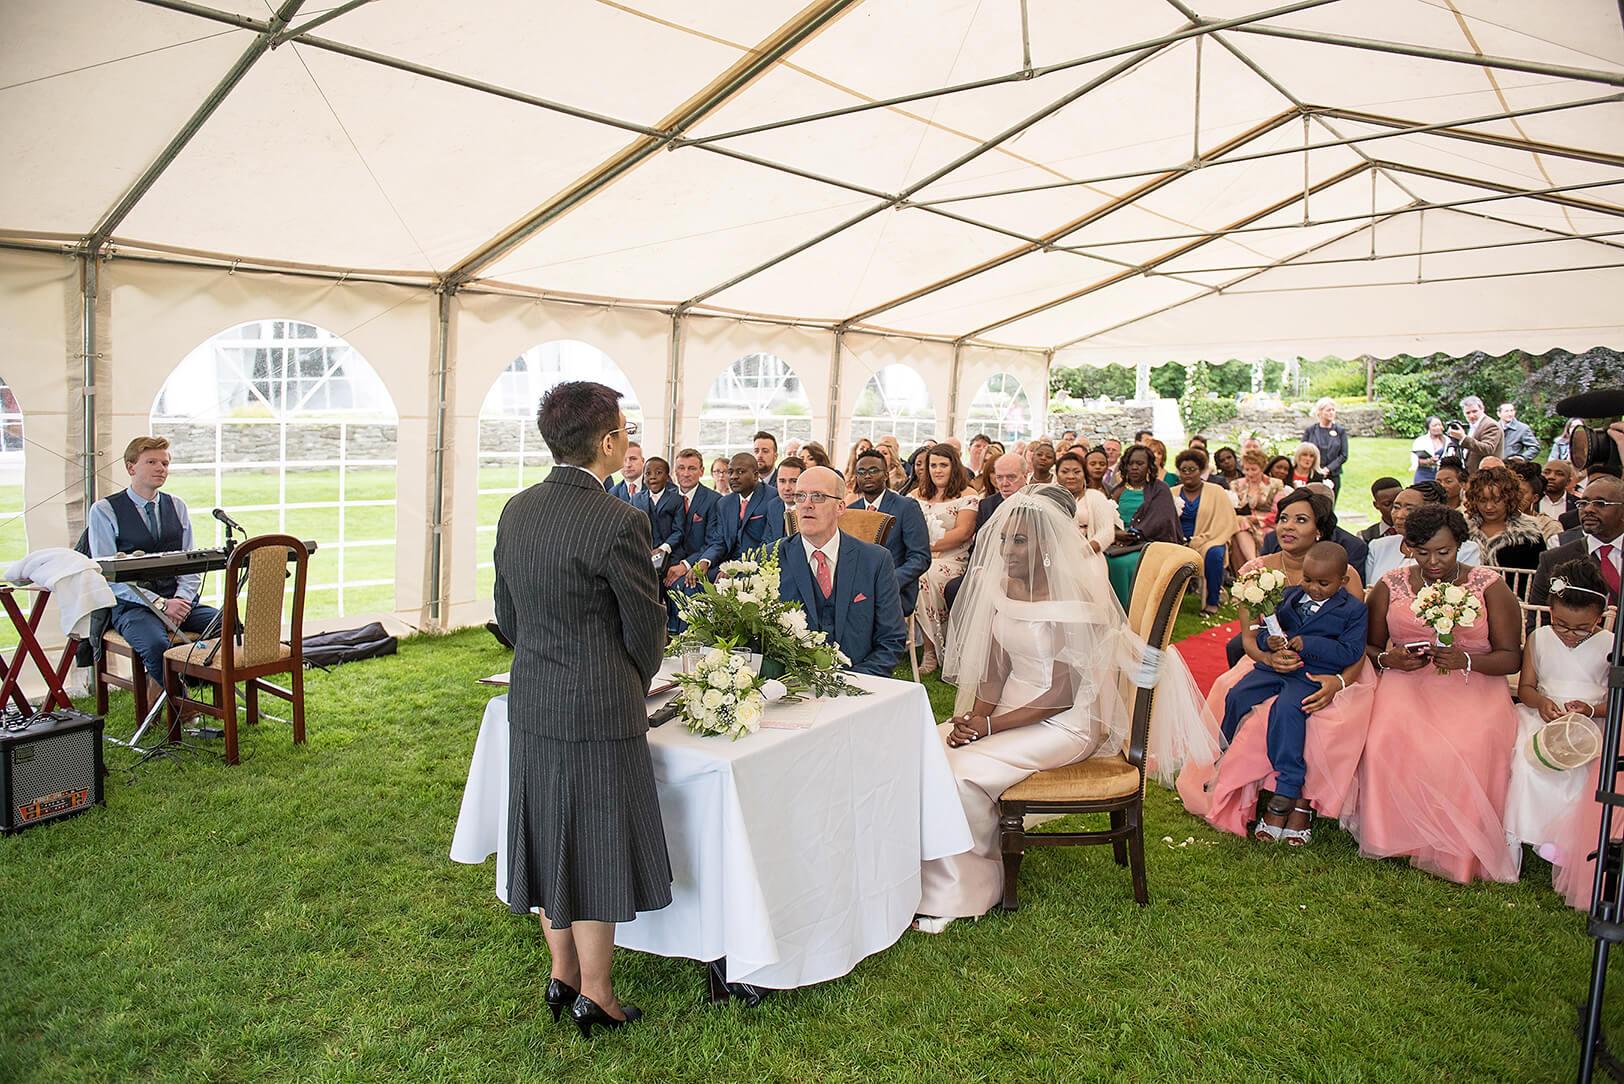 Civil Wedding Ceremonies At The Red Door